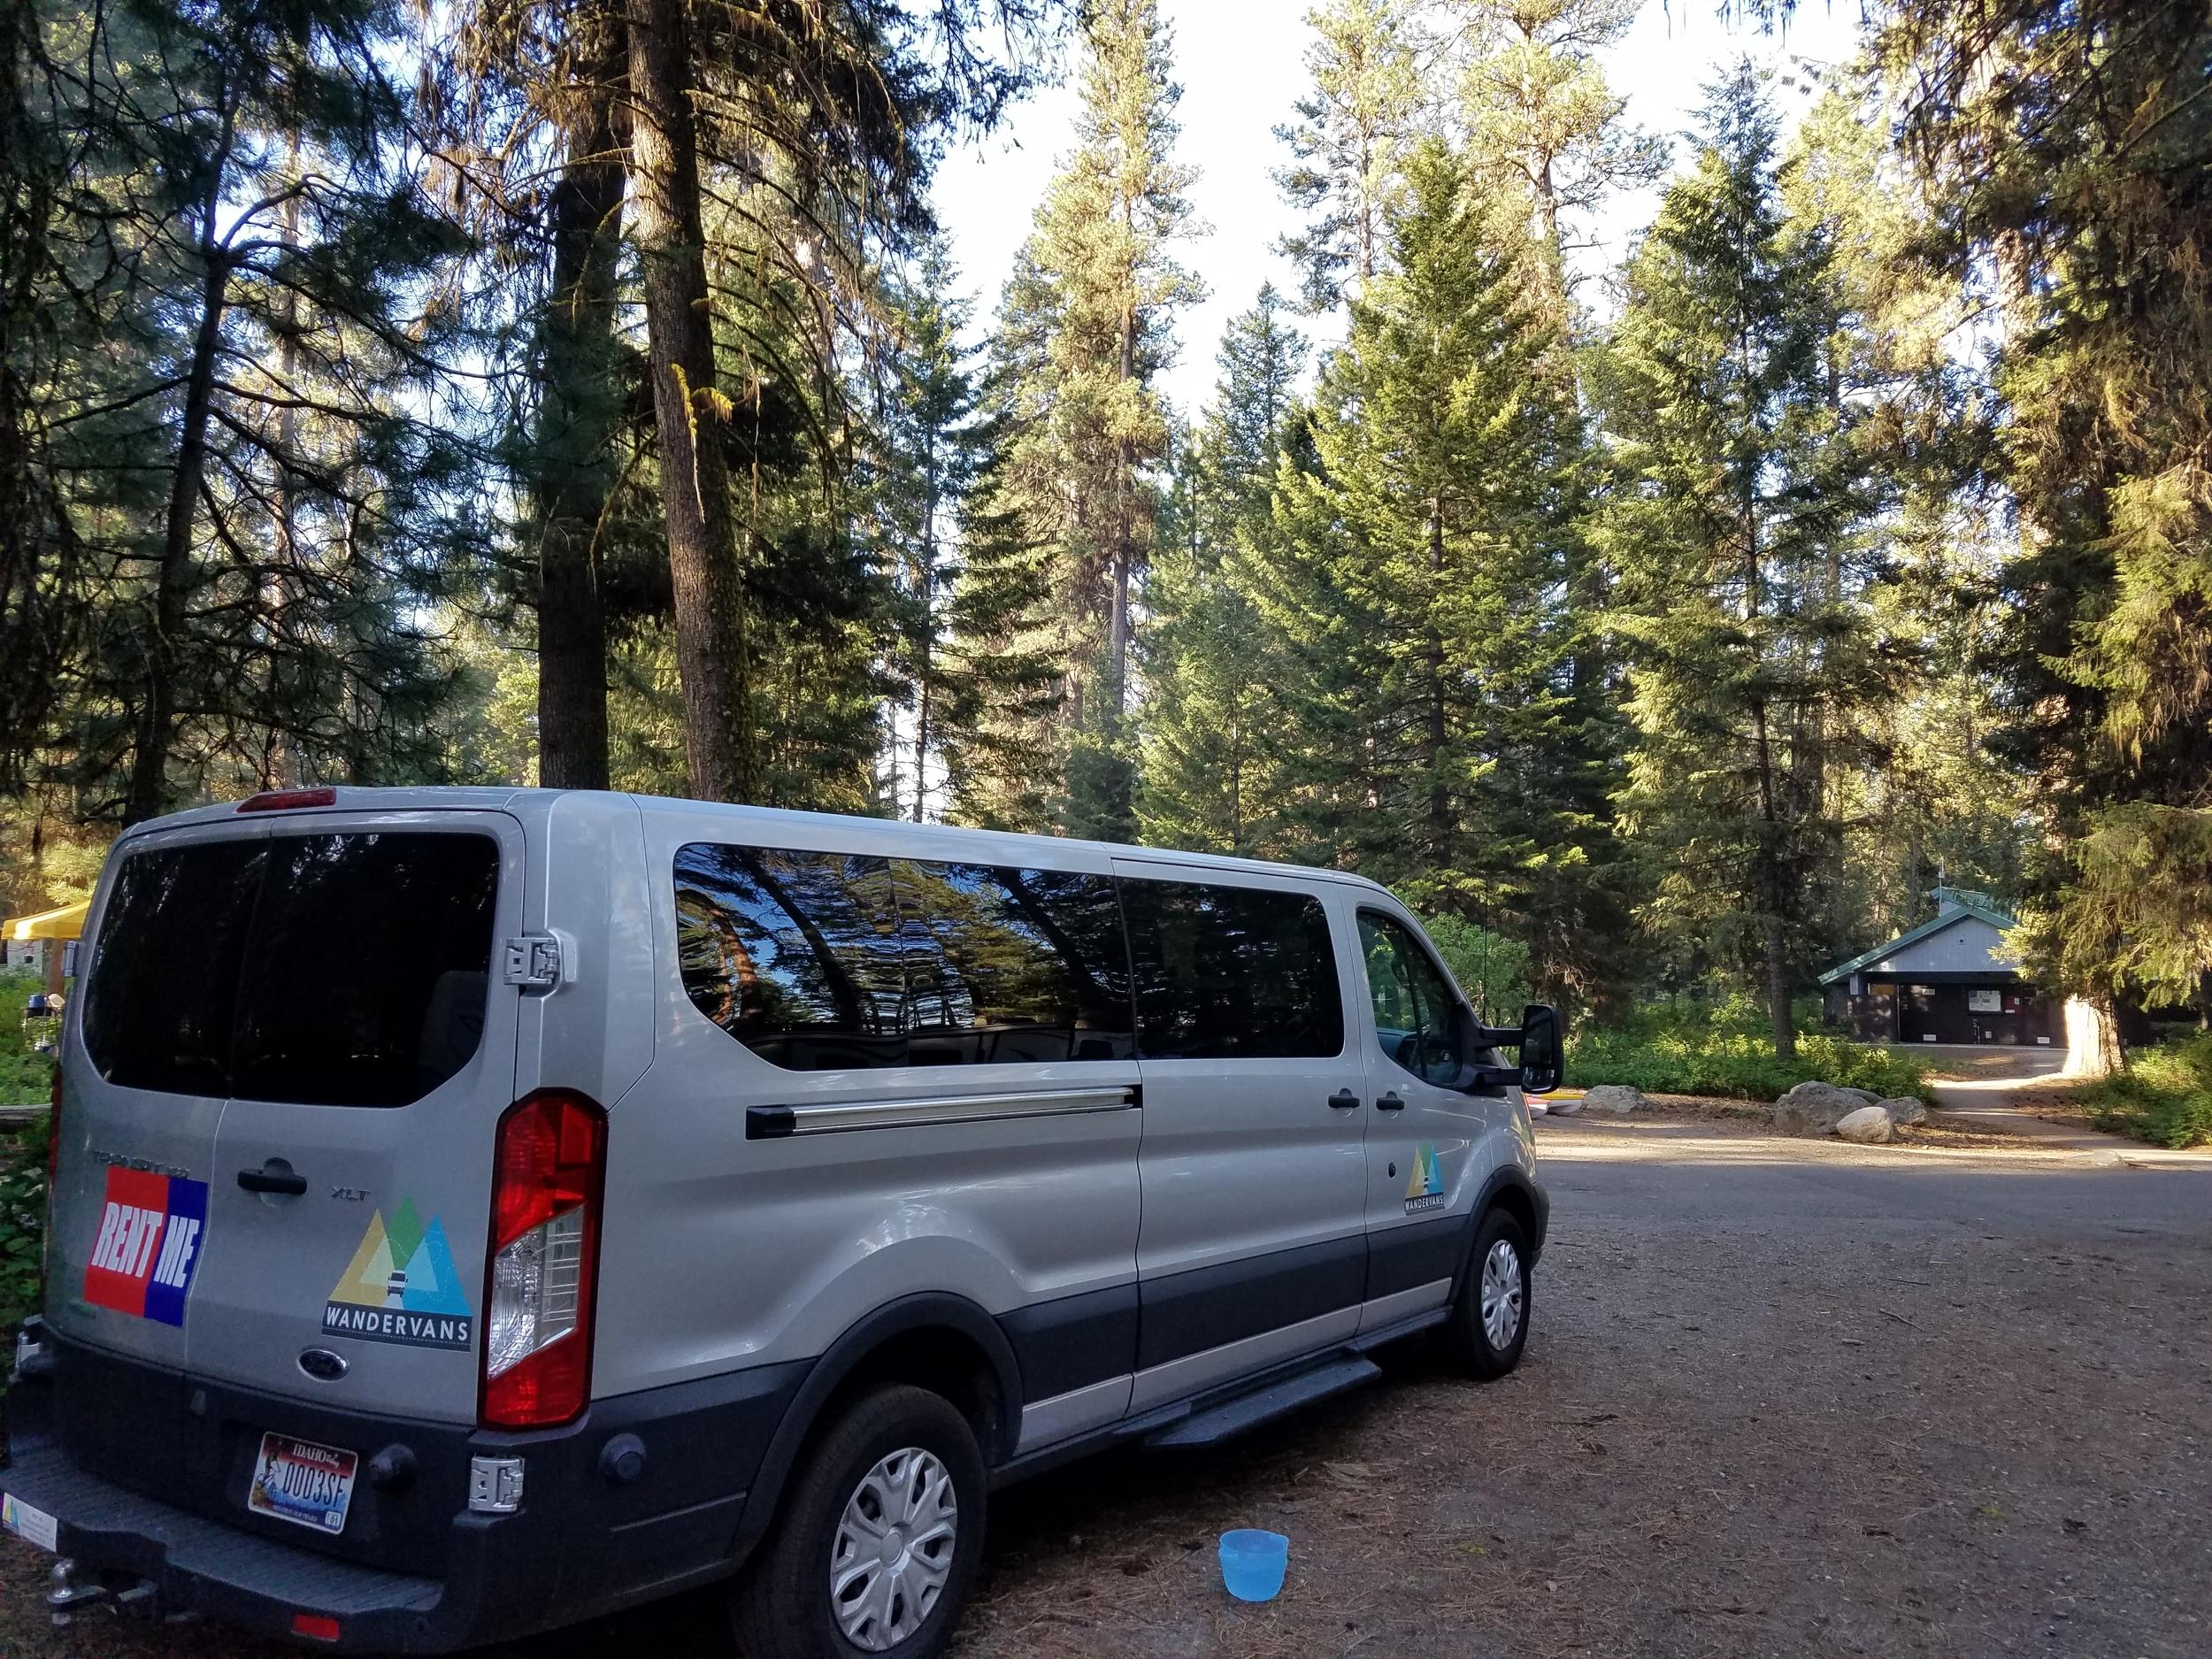 vanlife-rv-campervan-rent-idaho-sun-valley-boise-wandervans-wanderlust-skiing-snowboard-biking-hiking-outsidevan-Wandervans-mccall-ponderosa-state-park